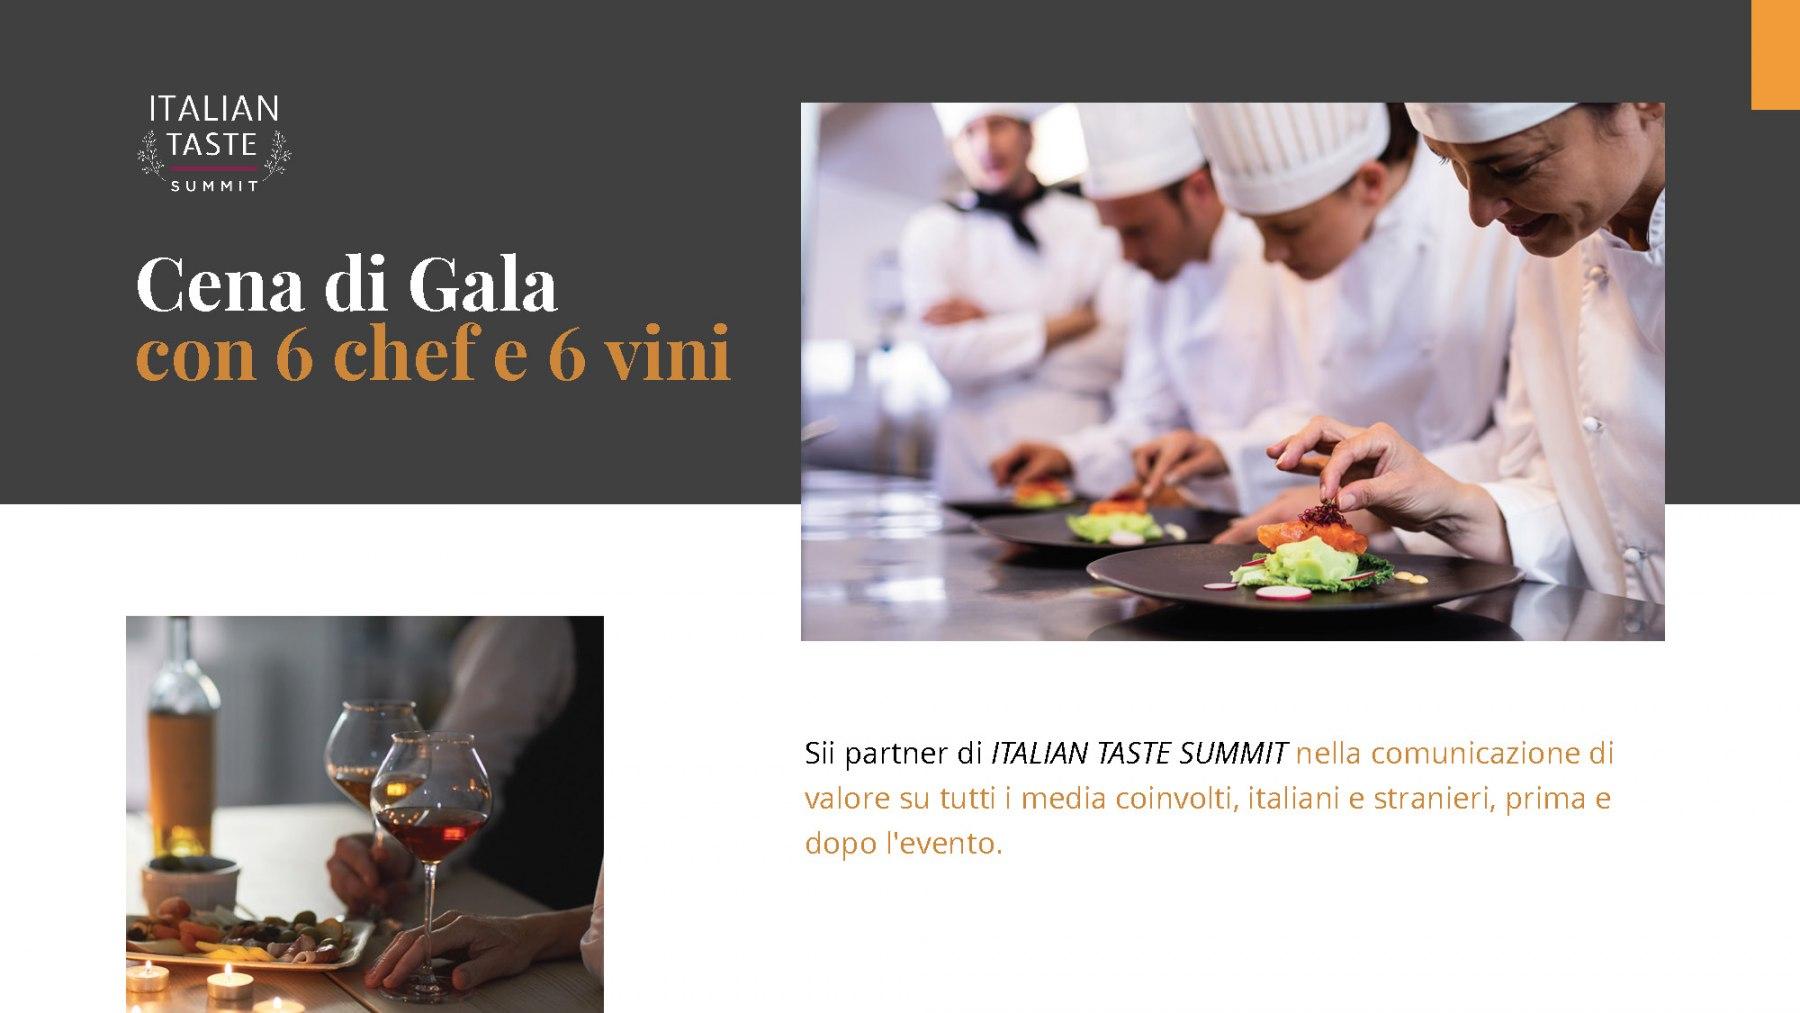 Italian-Taste-Summit-IT-2020_06